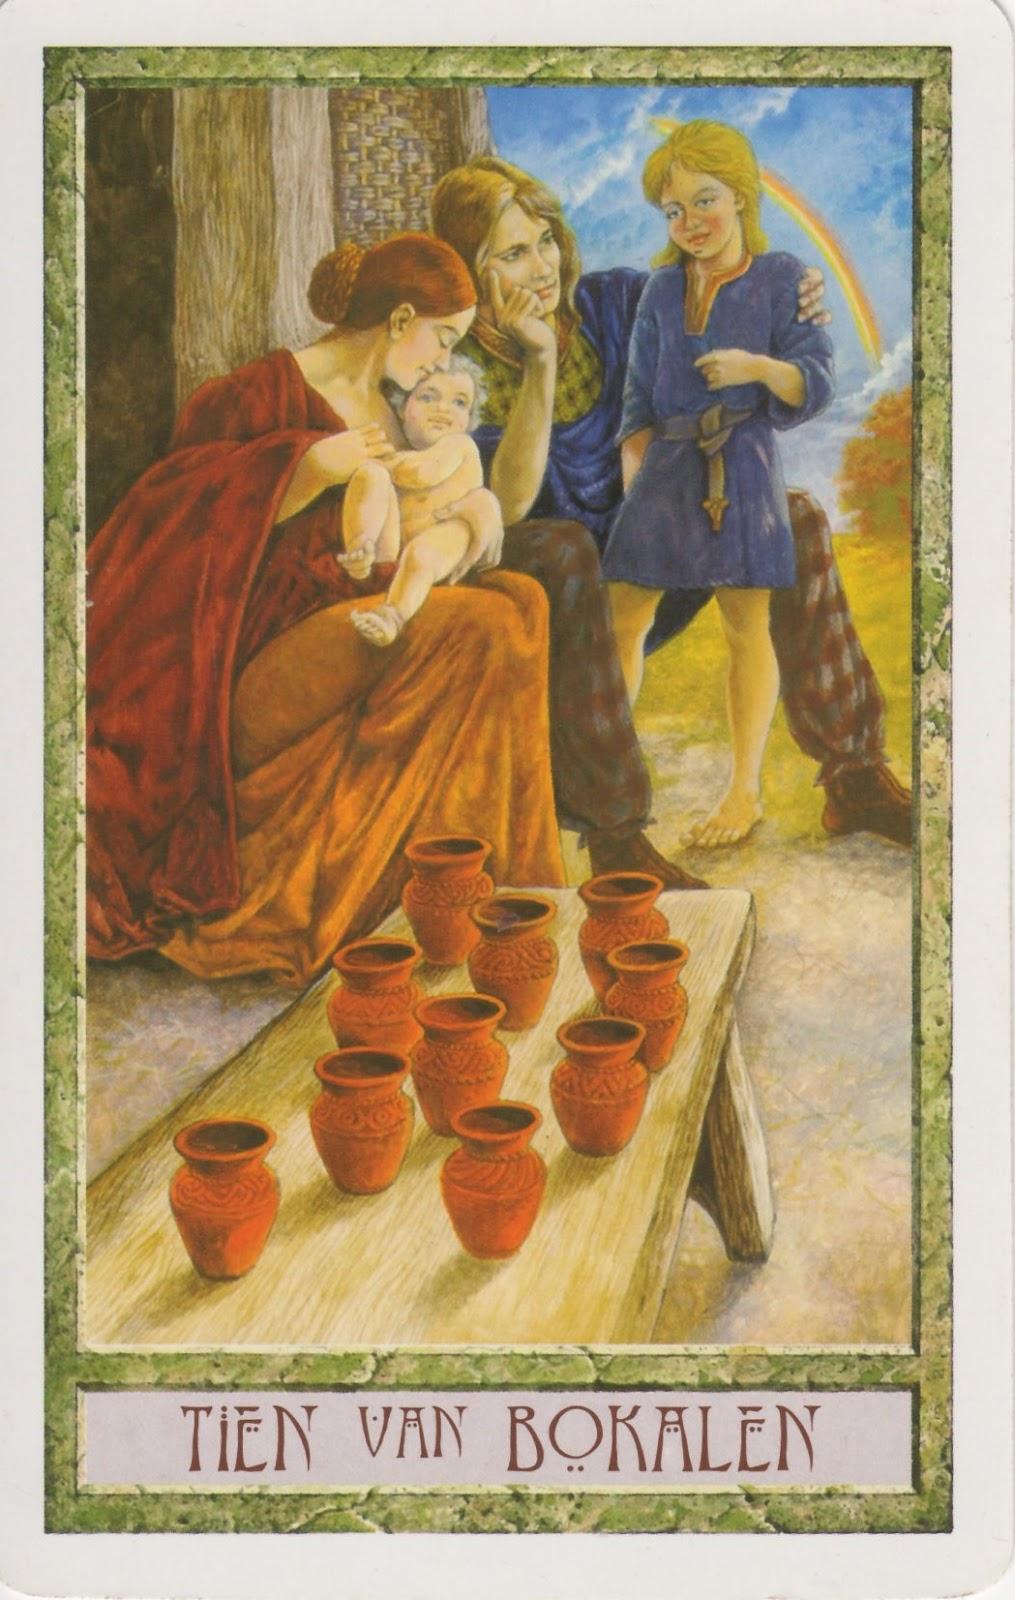 Orakelkaart voor week 49: Tien van Bokalen